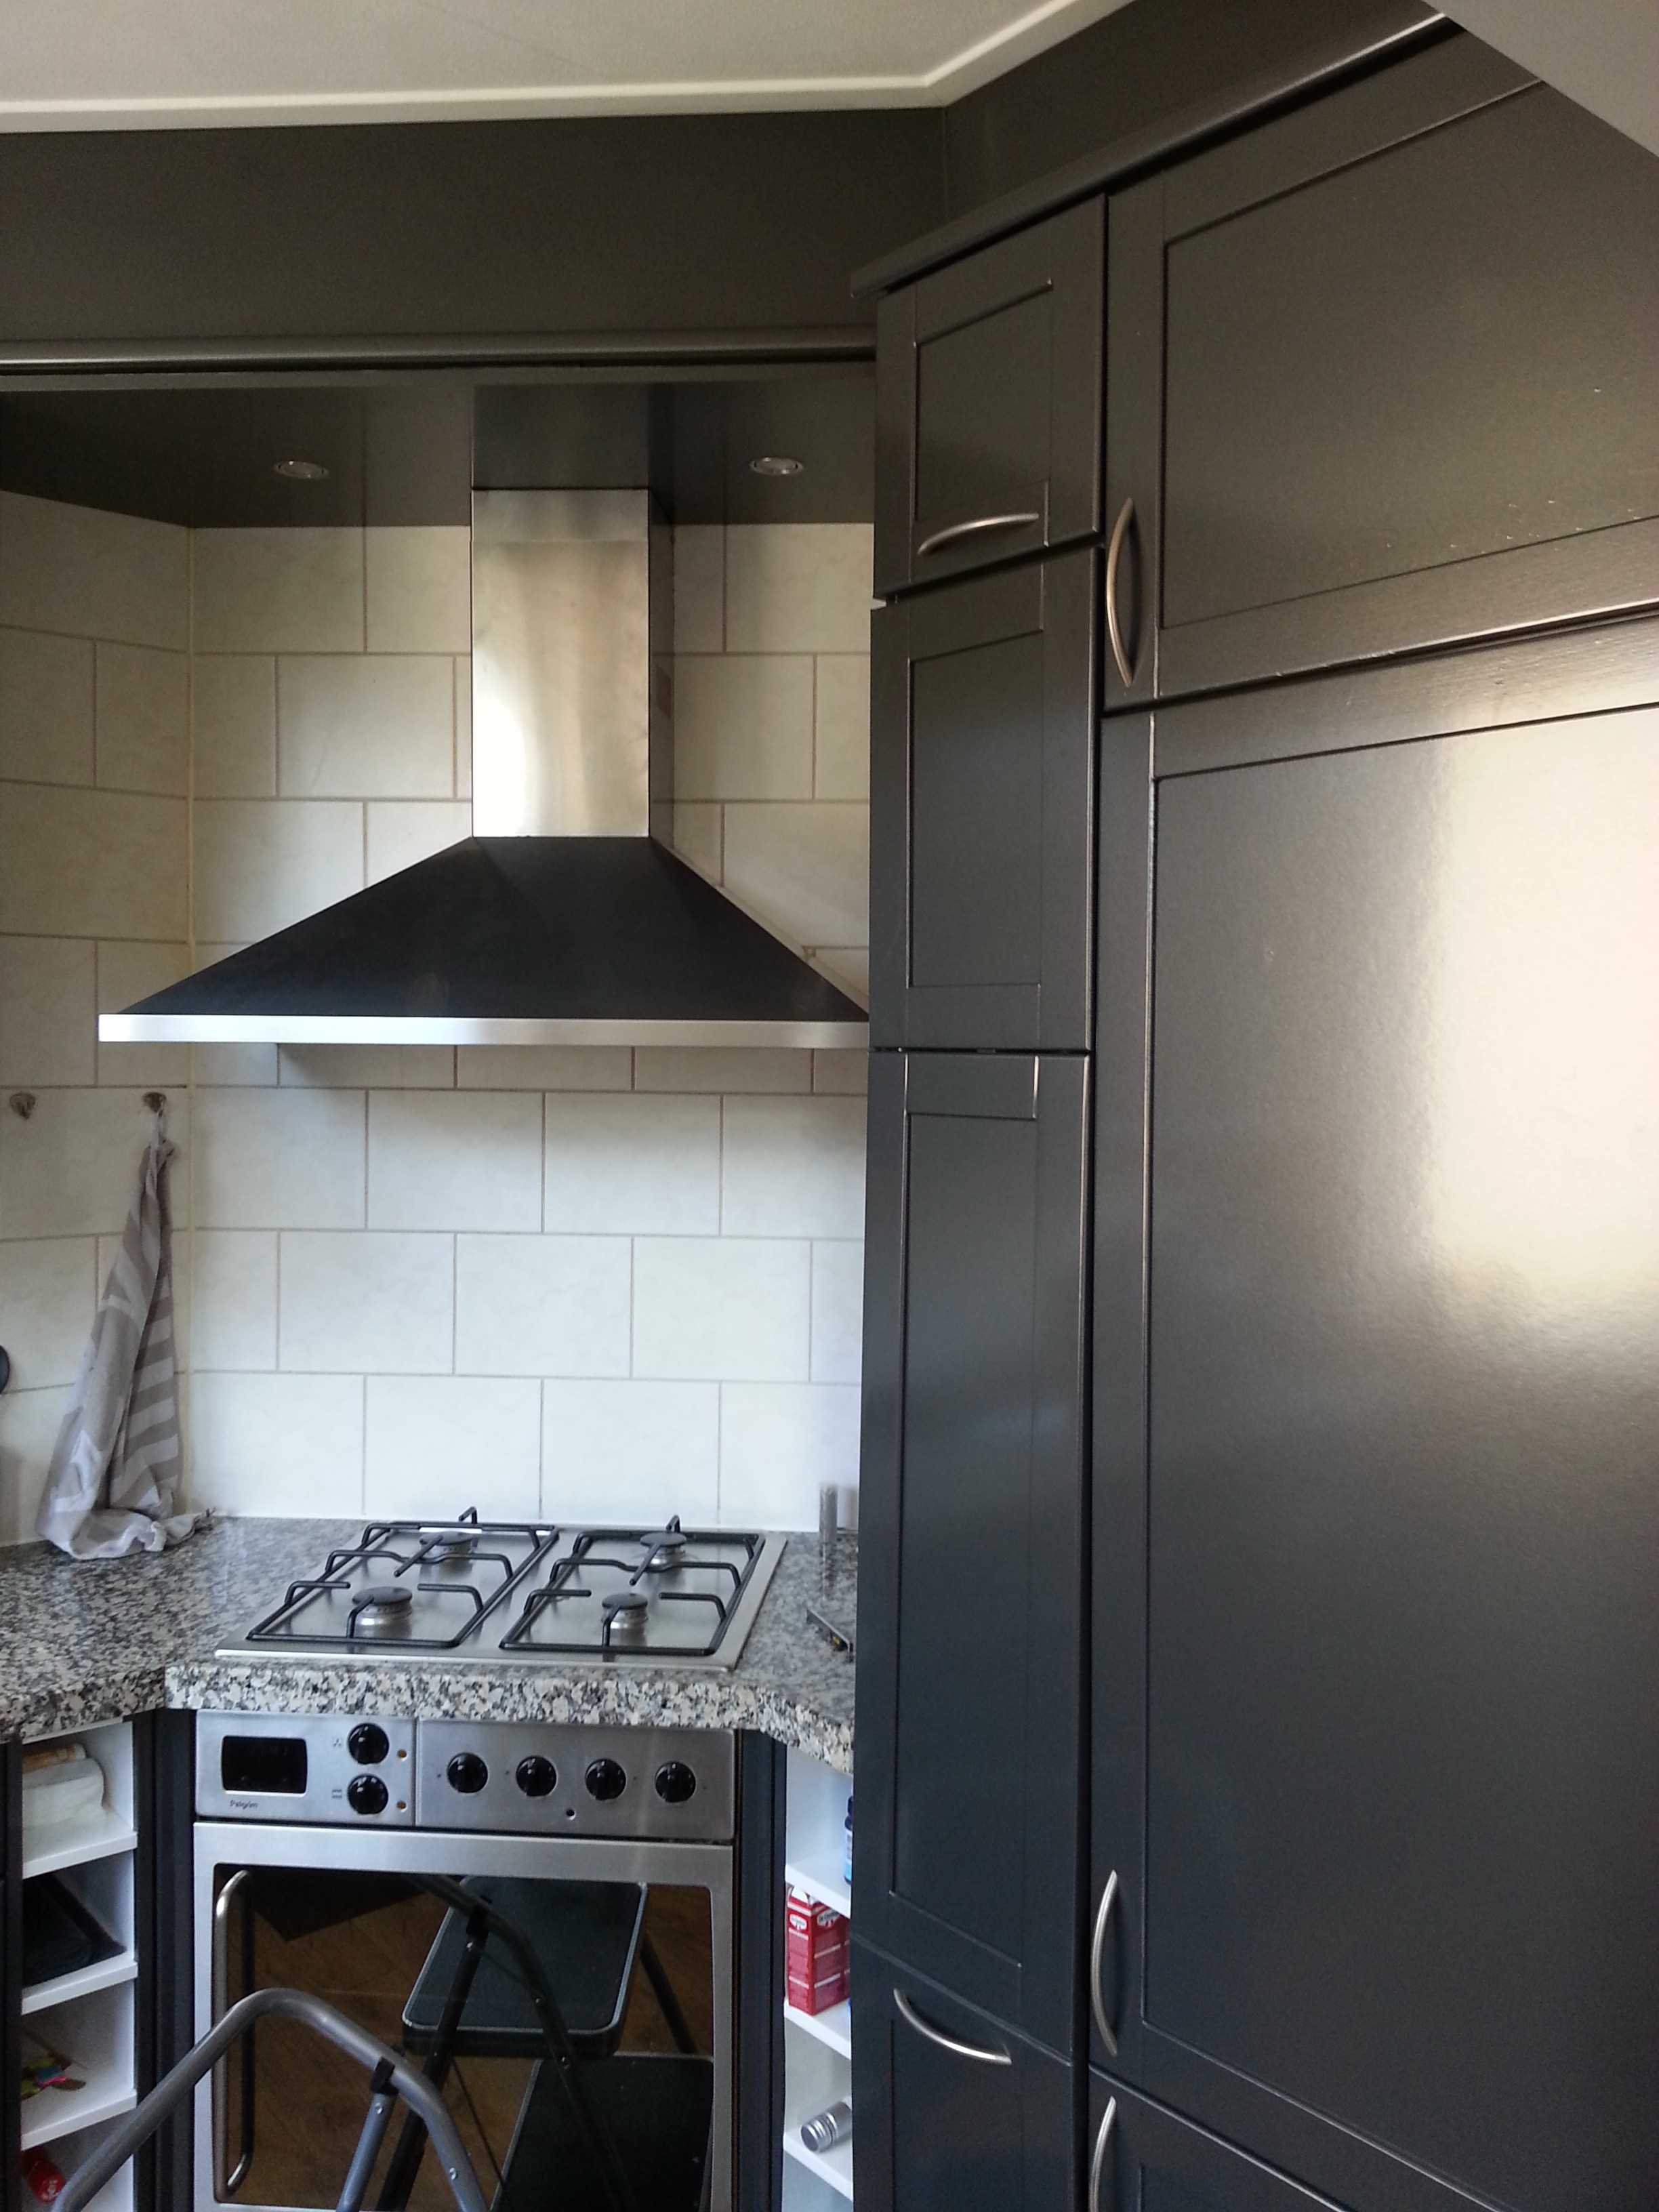 Keuken van hout wit naar metallic grijs - Foto grijze keuken en hout ...